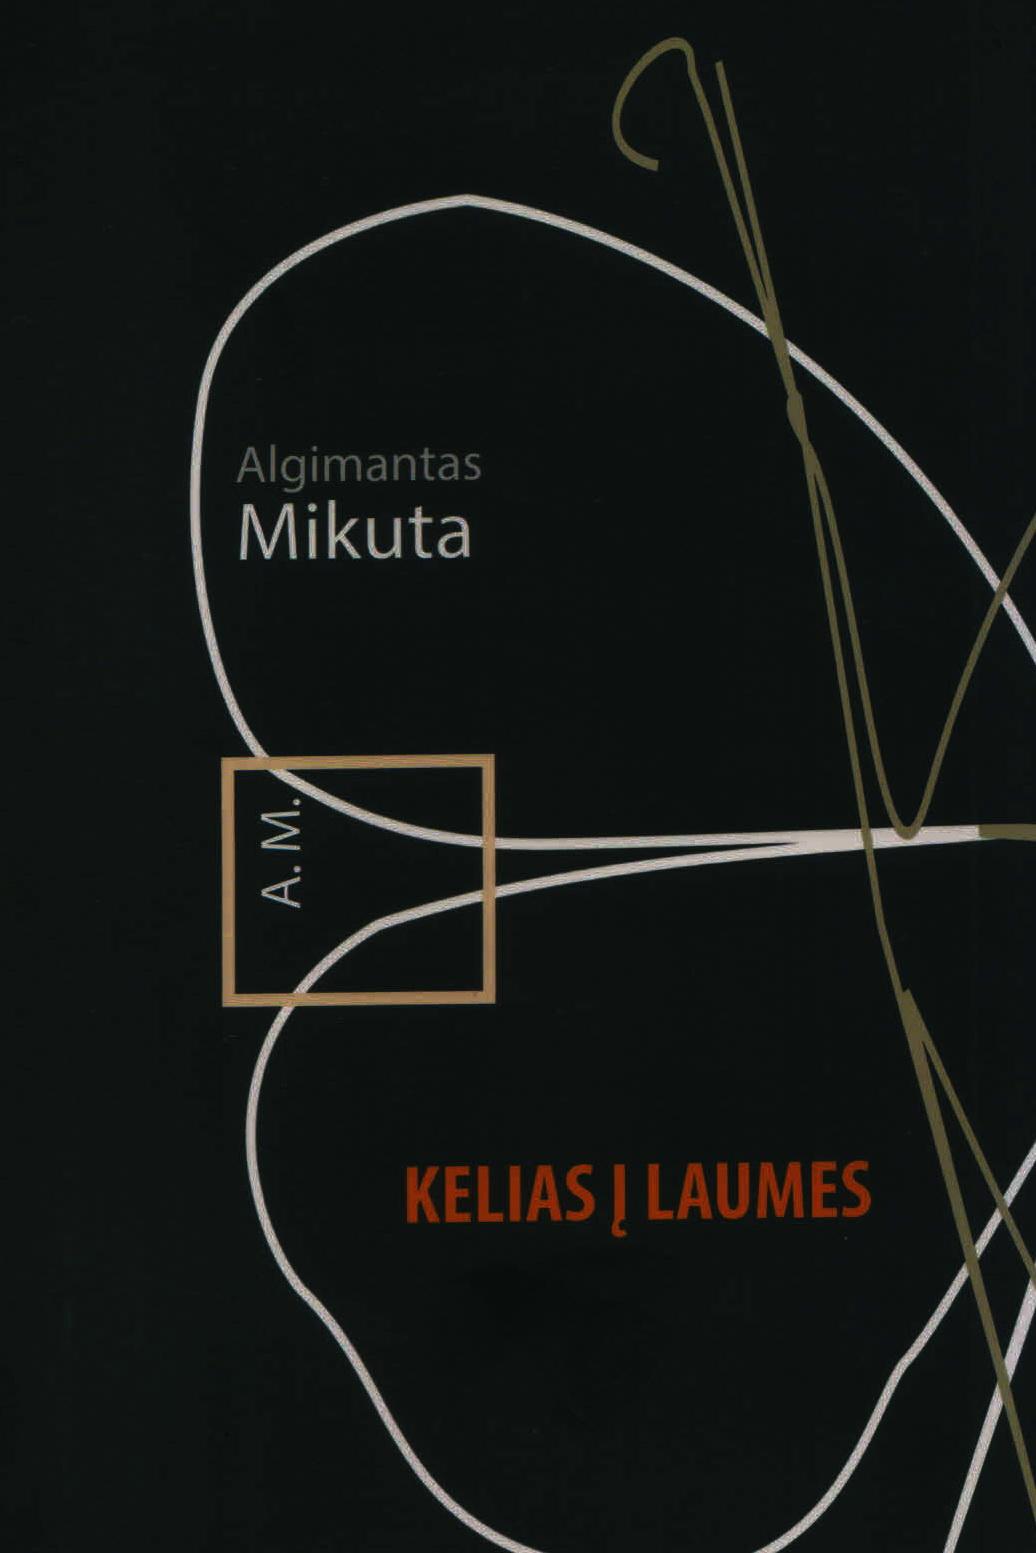 """Algimantas Mikuta. """"Kelias į Laumes"""" (Kaunas: Kauko laiptai, 2017)"""